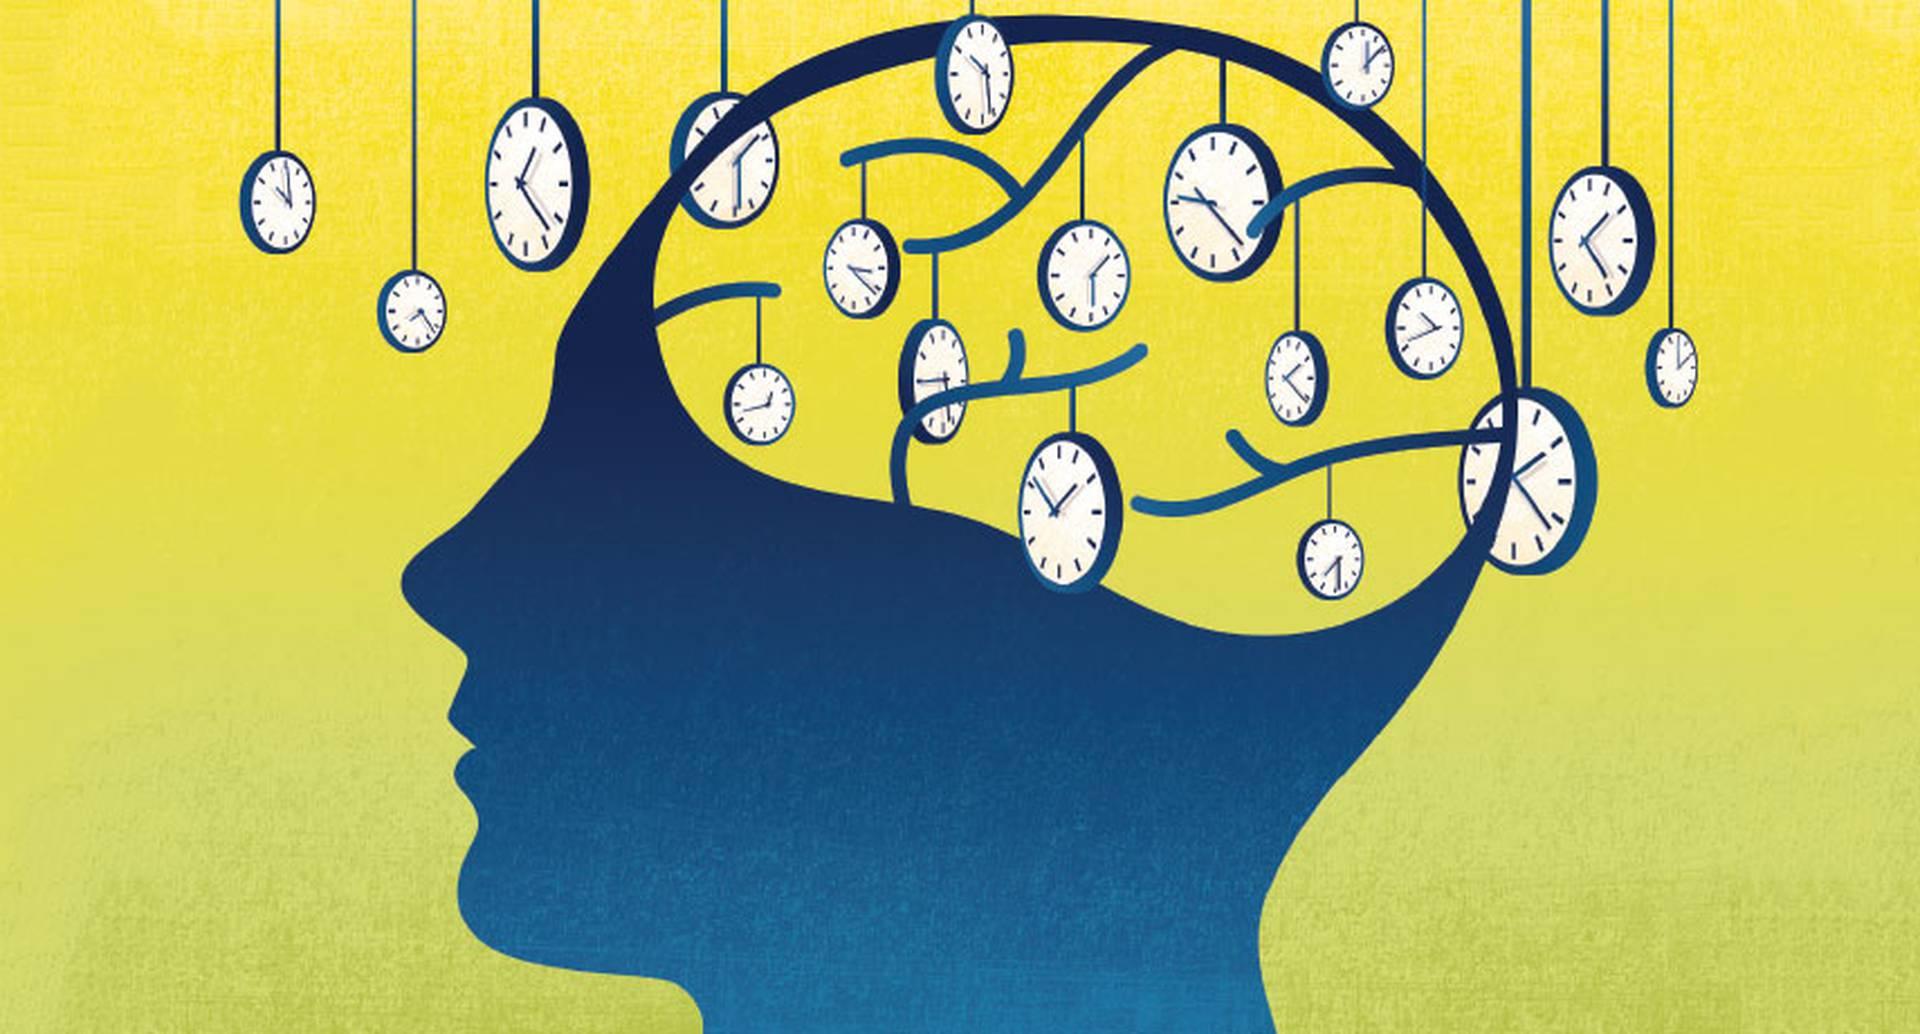 Percepción tiempo y cerebro